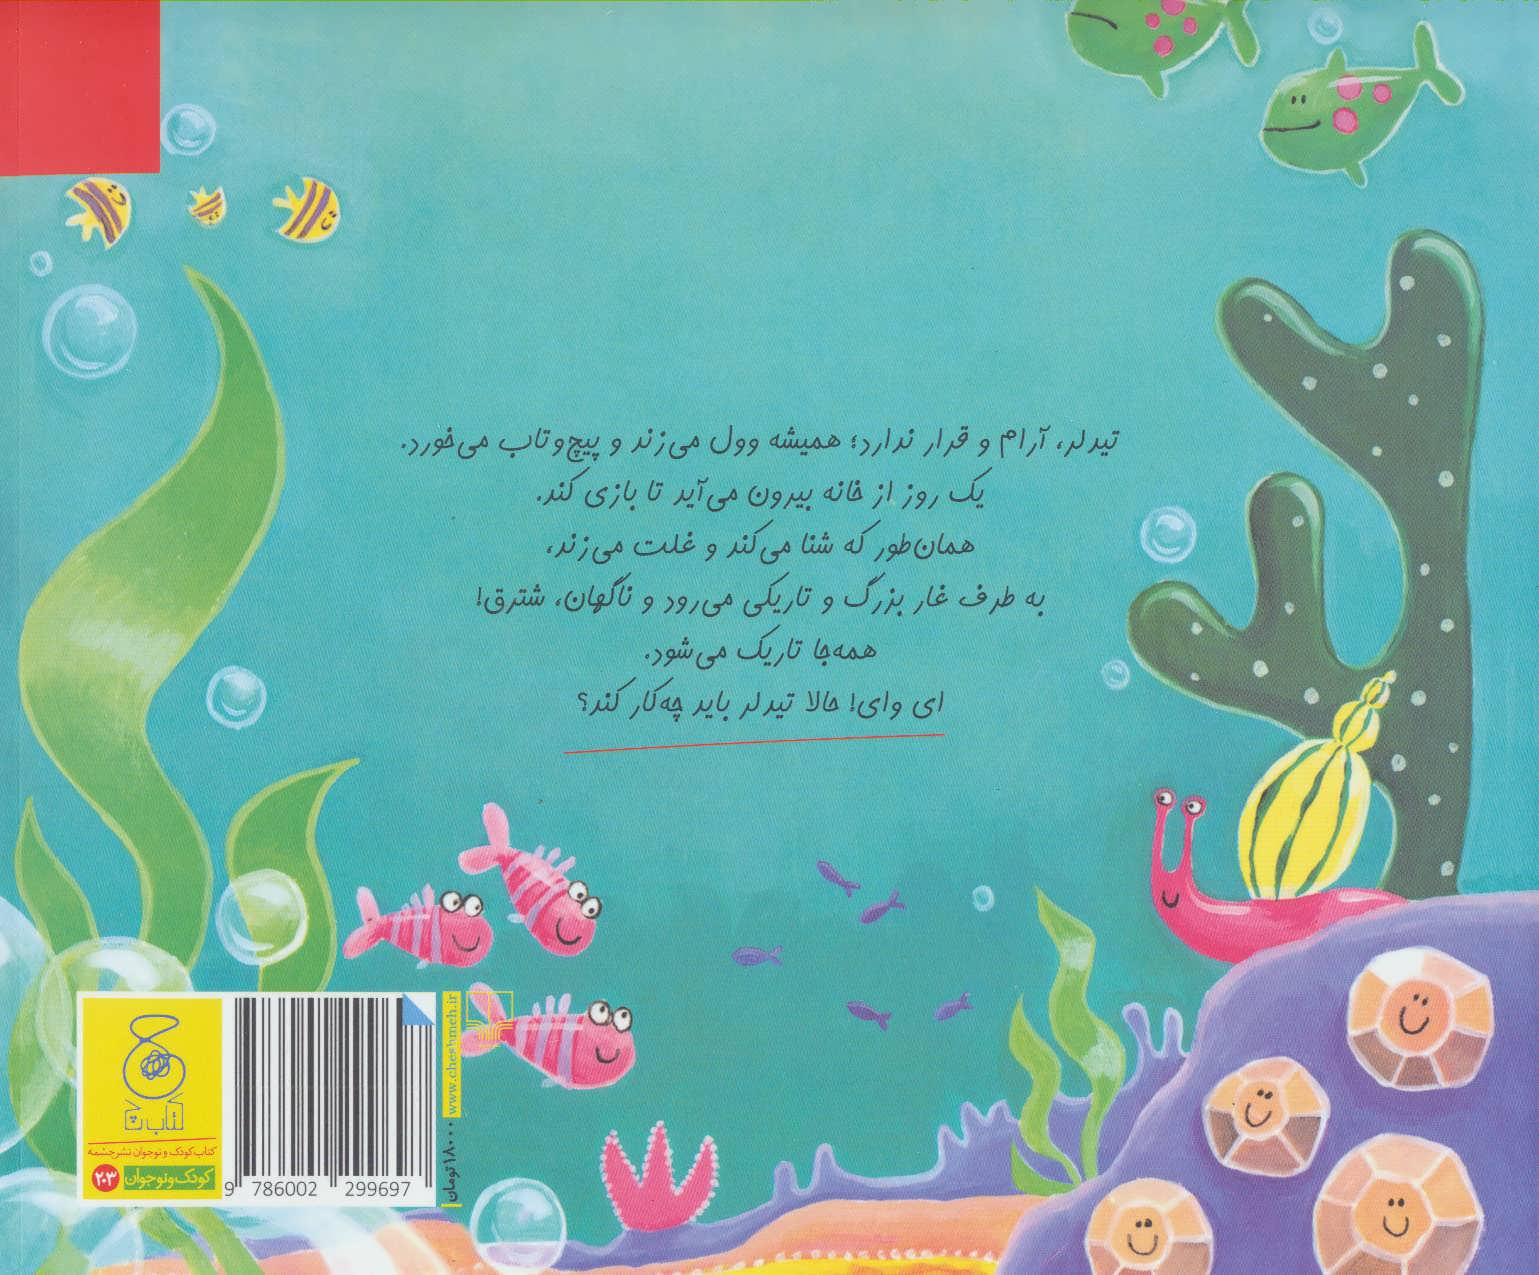 ماهی بی قرار (داستان های زیر آب)،(گلاسه)